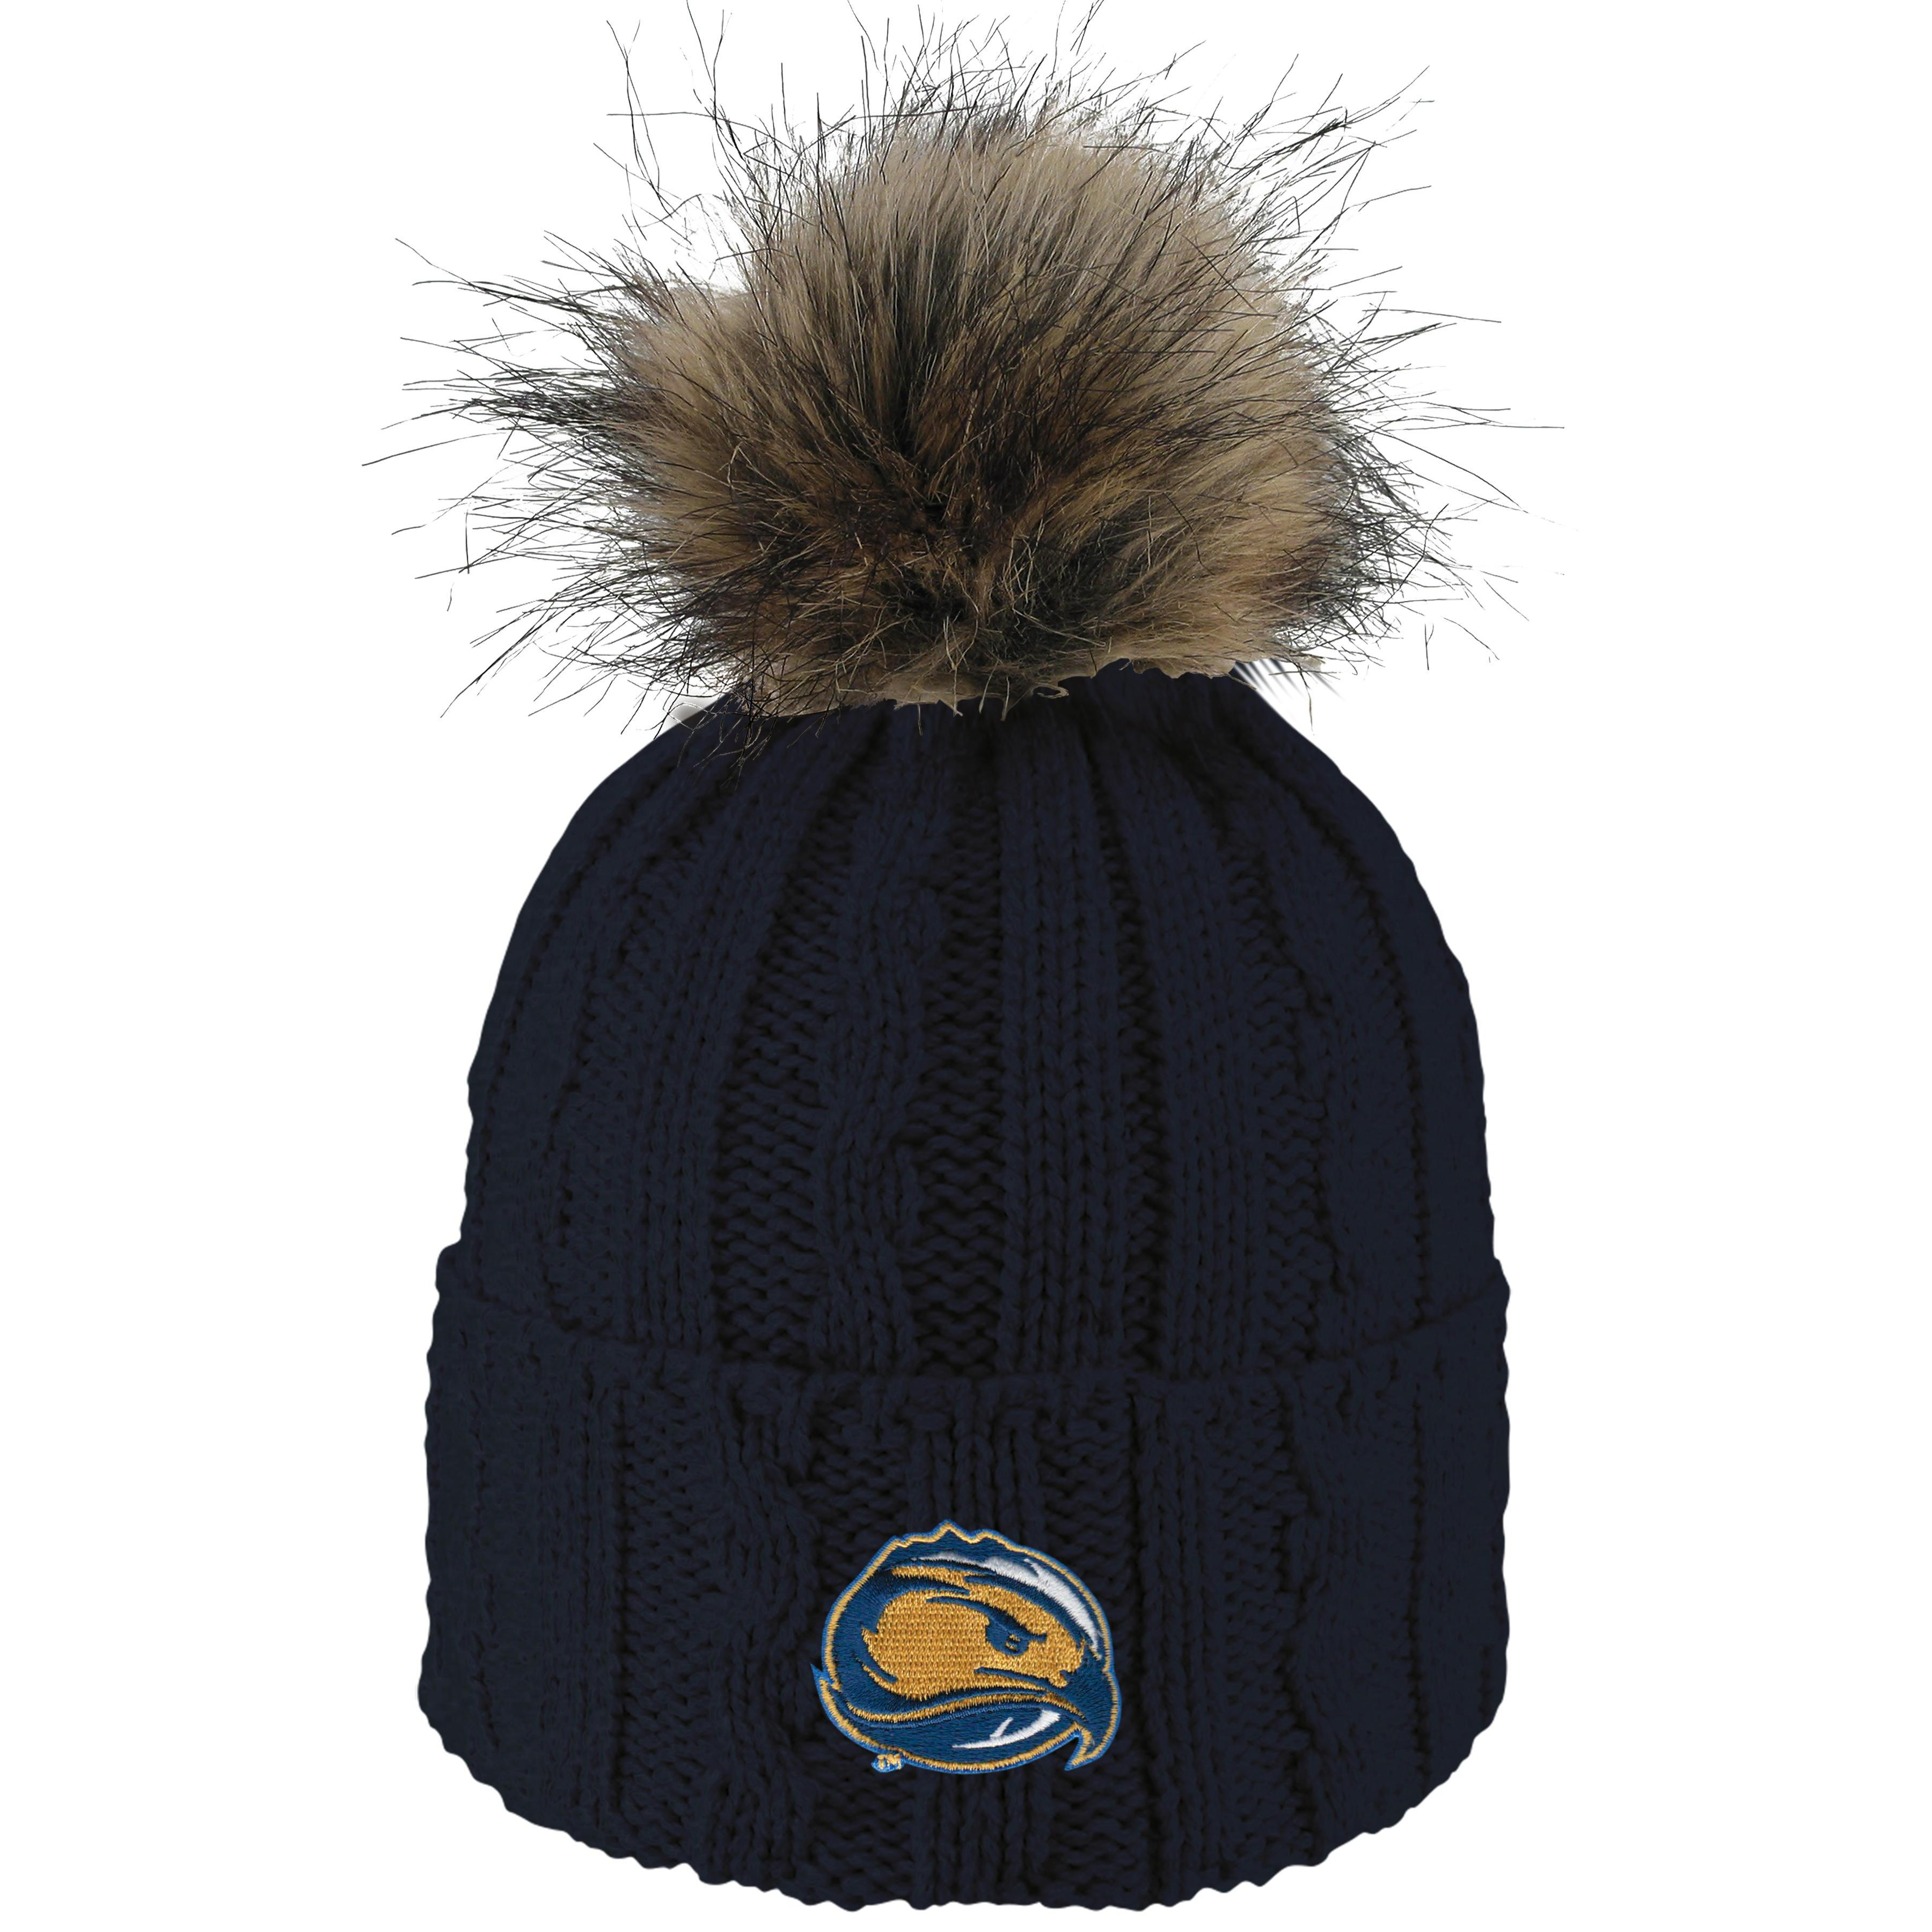 Skyhawks Knit Beanie w/ Faux Fur Pom